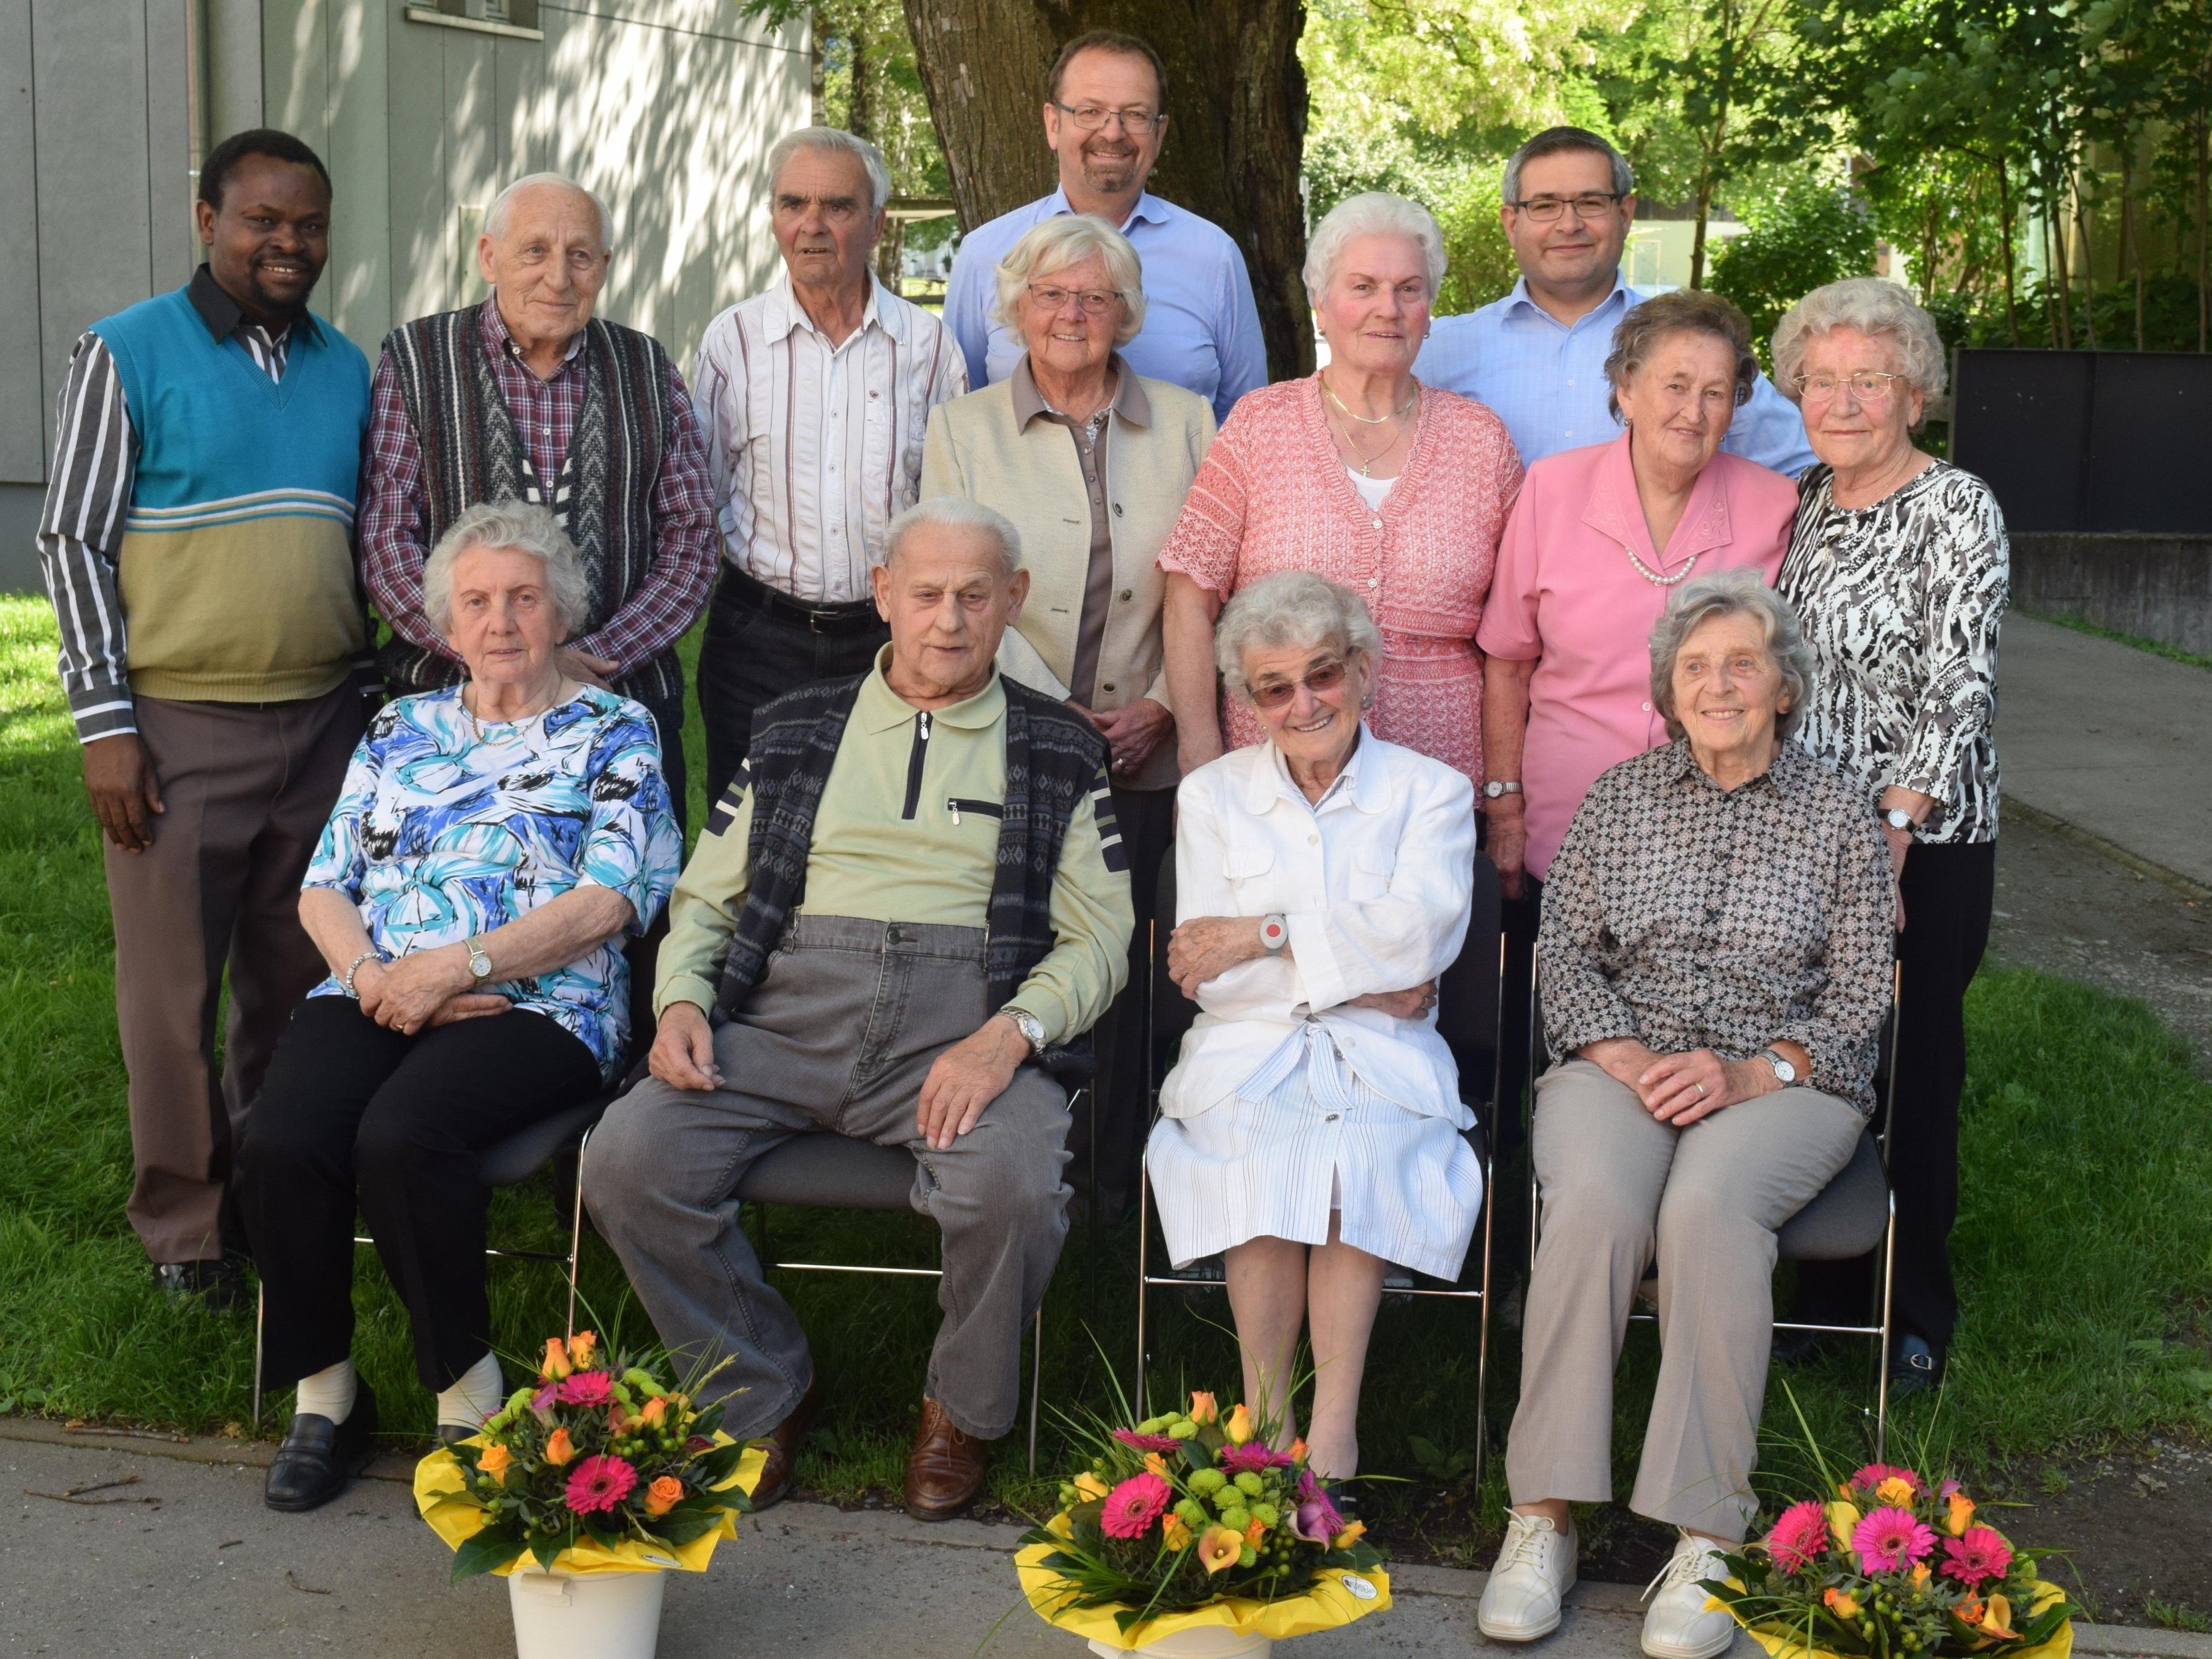 Die zehn Geburtstagskinder (sieben Frauen und drei Männer), flankiert von Bürgermeister, Pfarrer und Pfarrassistent, kommen zusammen auf 855 Lebensjahre.